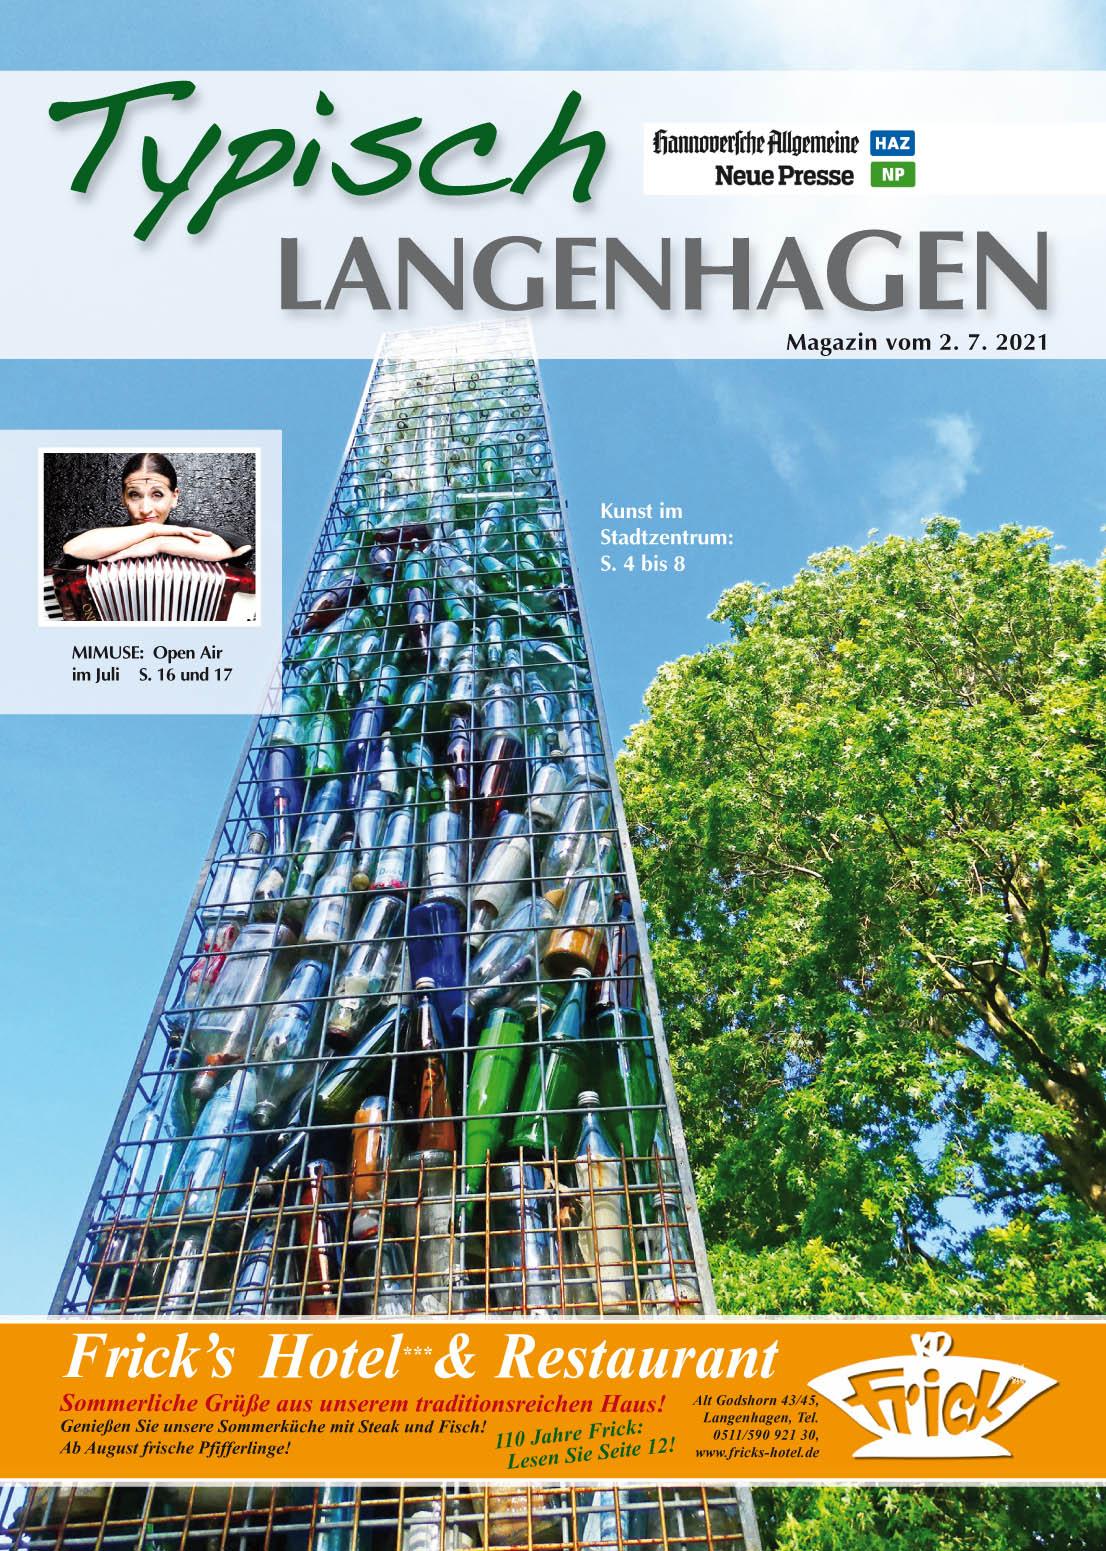 langenhagen 02.07.2021